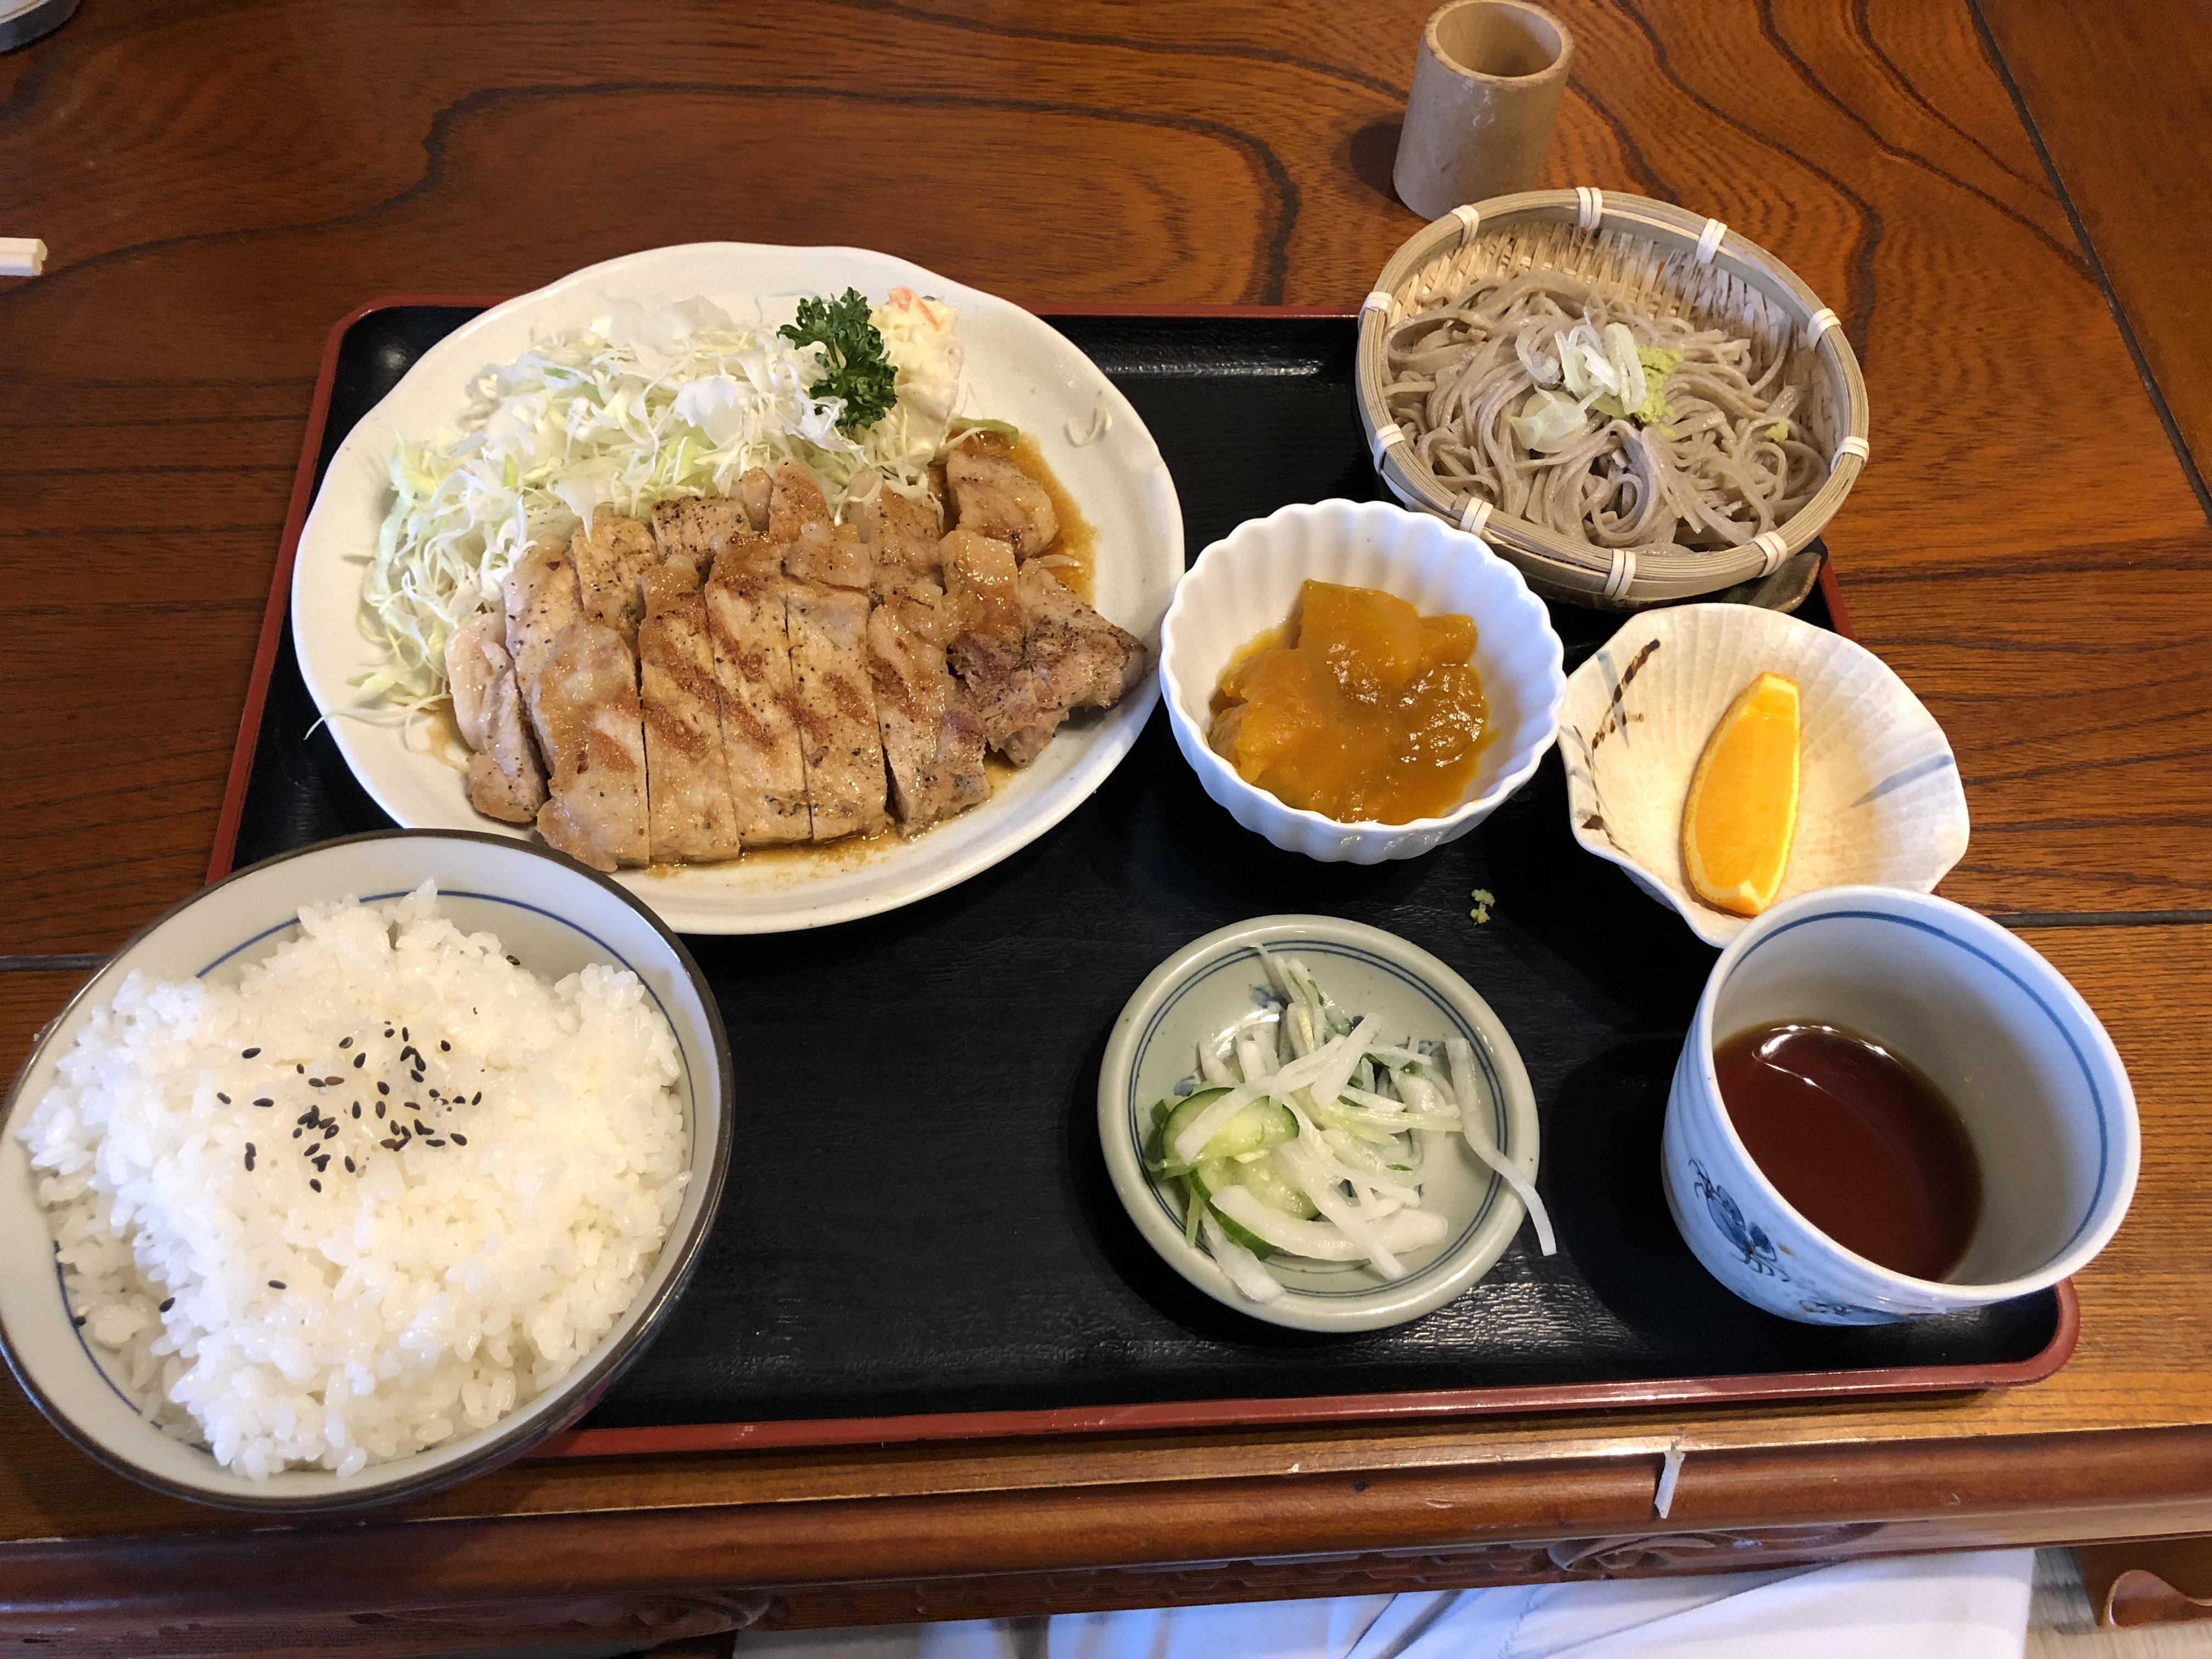 楡木駅から車で2分、労働者に愛されるガッツリ系定食が売りのお店力鶴で頂く焼き肉定食という名のポークソテー